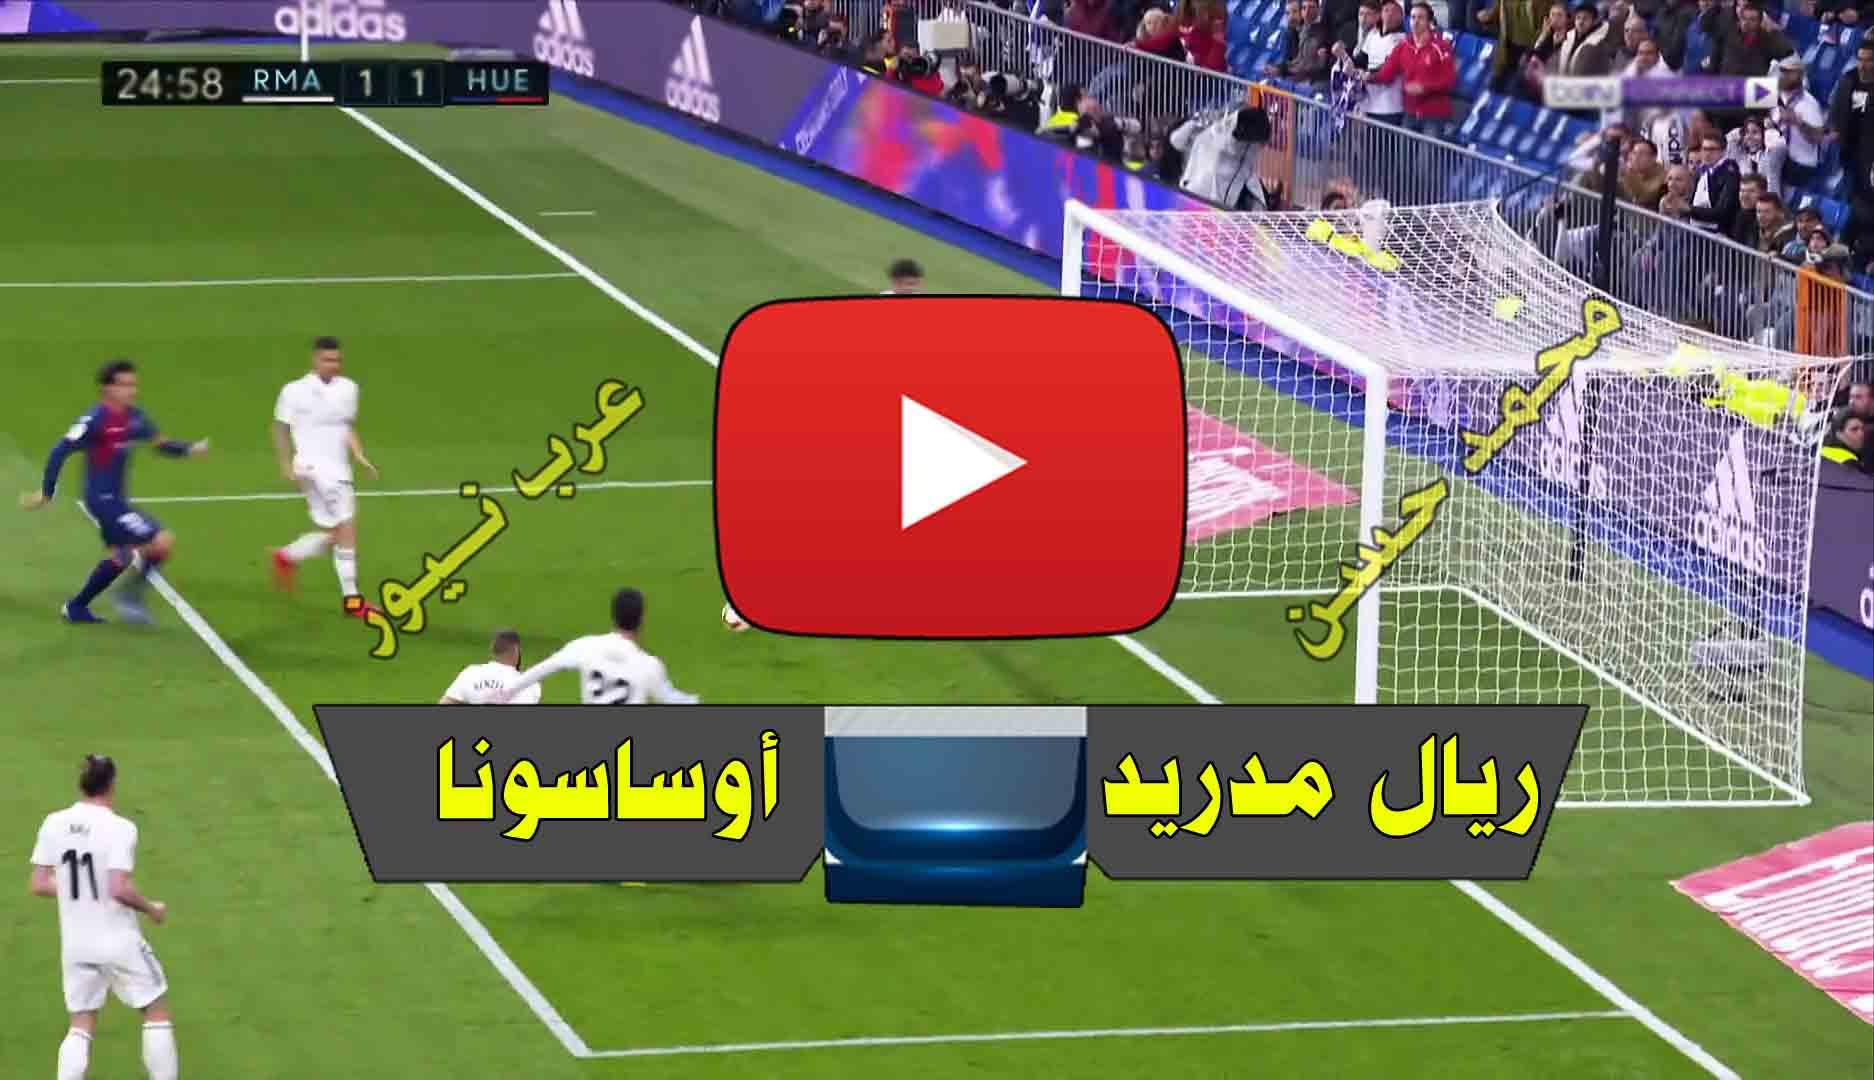 يلا شووت بث مباشر ريال مدريد وأوساسونا كورة لايف Yalla ...